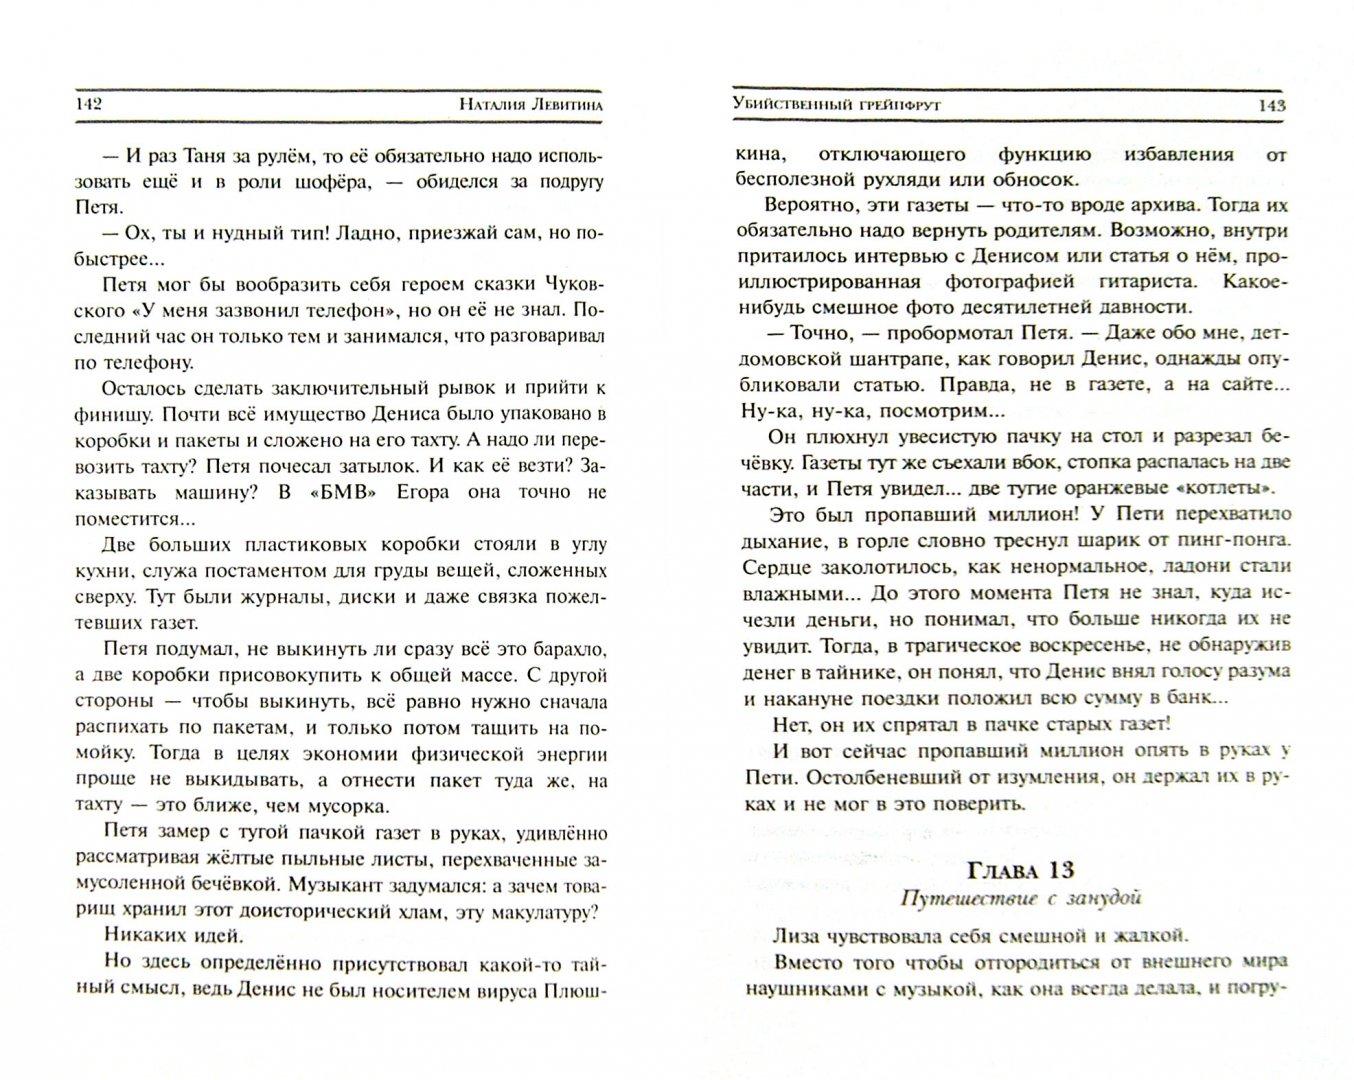 Иллюстрация 1 из 26 для Убийственный грейпфрут - Наталия Левитина | Лабиринт - книги. Источник: Лабиринт